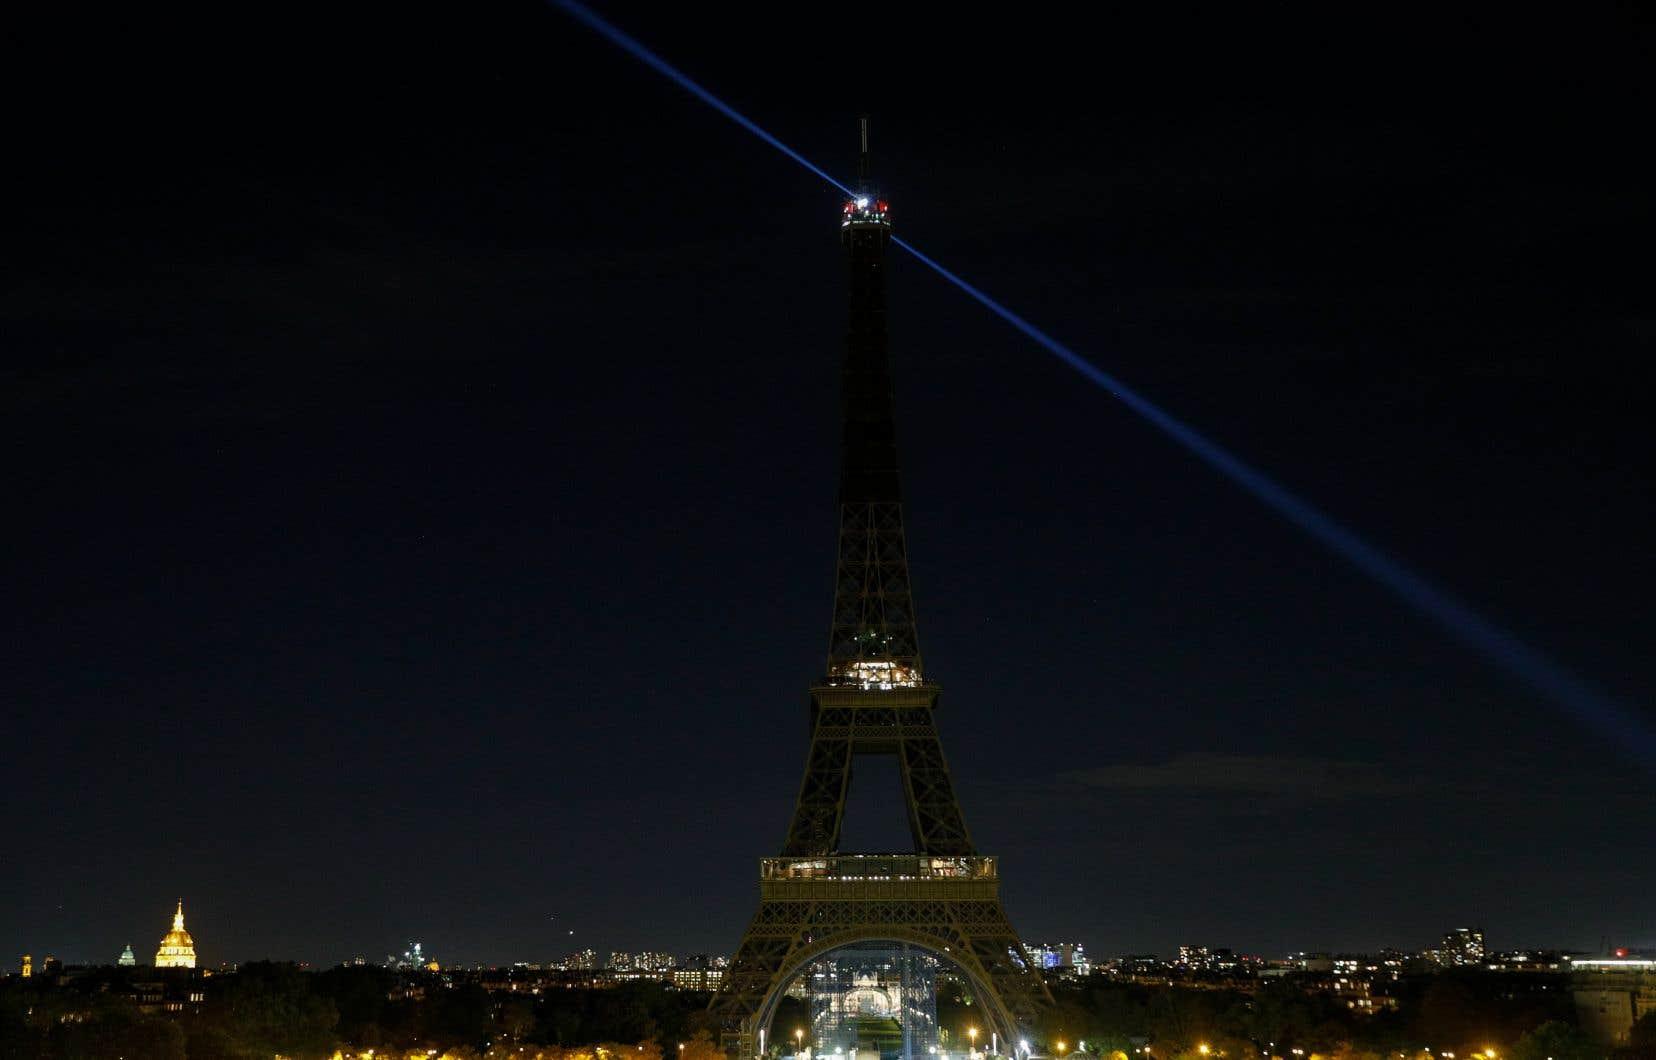 Les lumières de la tour Eiffel ont été éteintes mercredi soir, durant l'hommage au professeur Samuel Paty, décapité en pleine rue par un terroriste islamiste. L'homme voulait «venger le Prophète» contre cet enseignant qui avait montré des caricatures de Mahomet lors d'un cours sur la liberté d'expression.